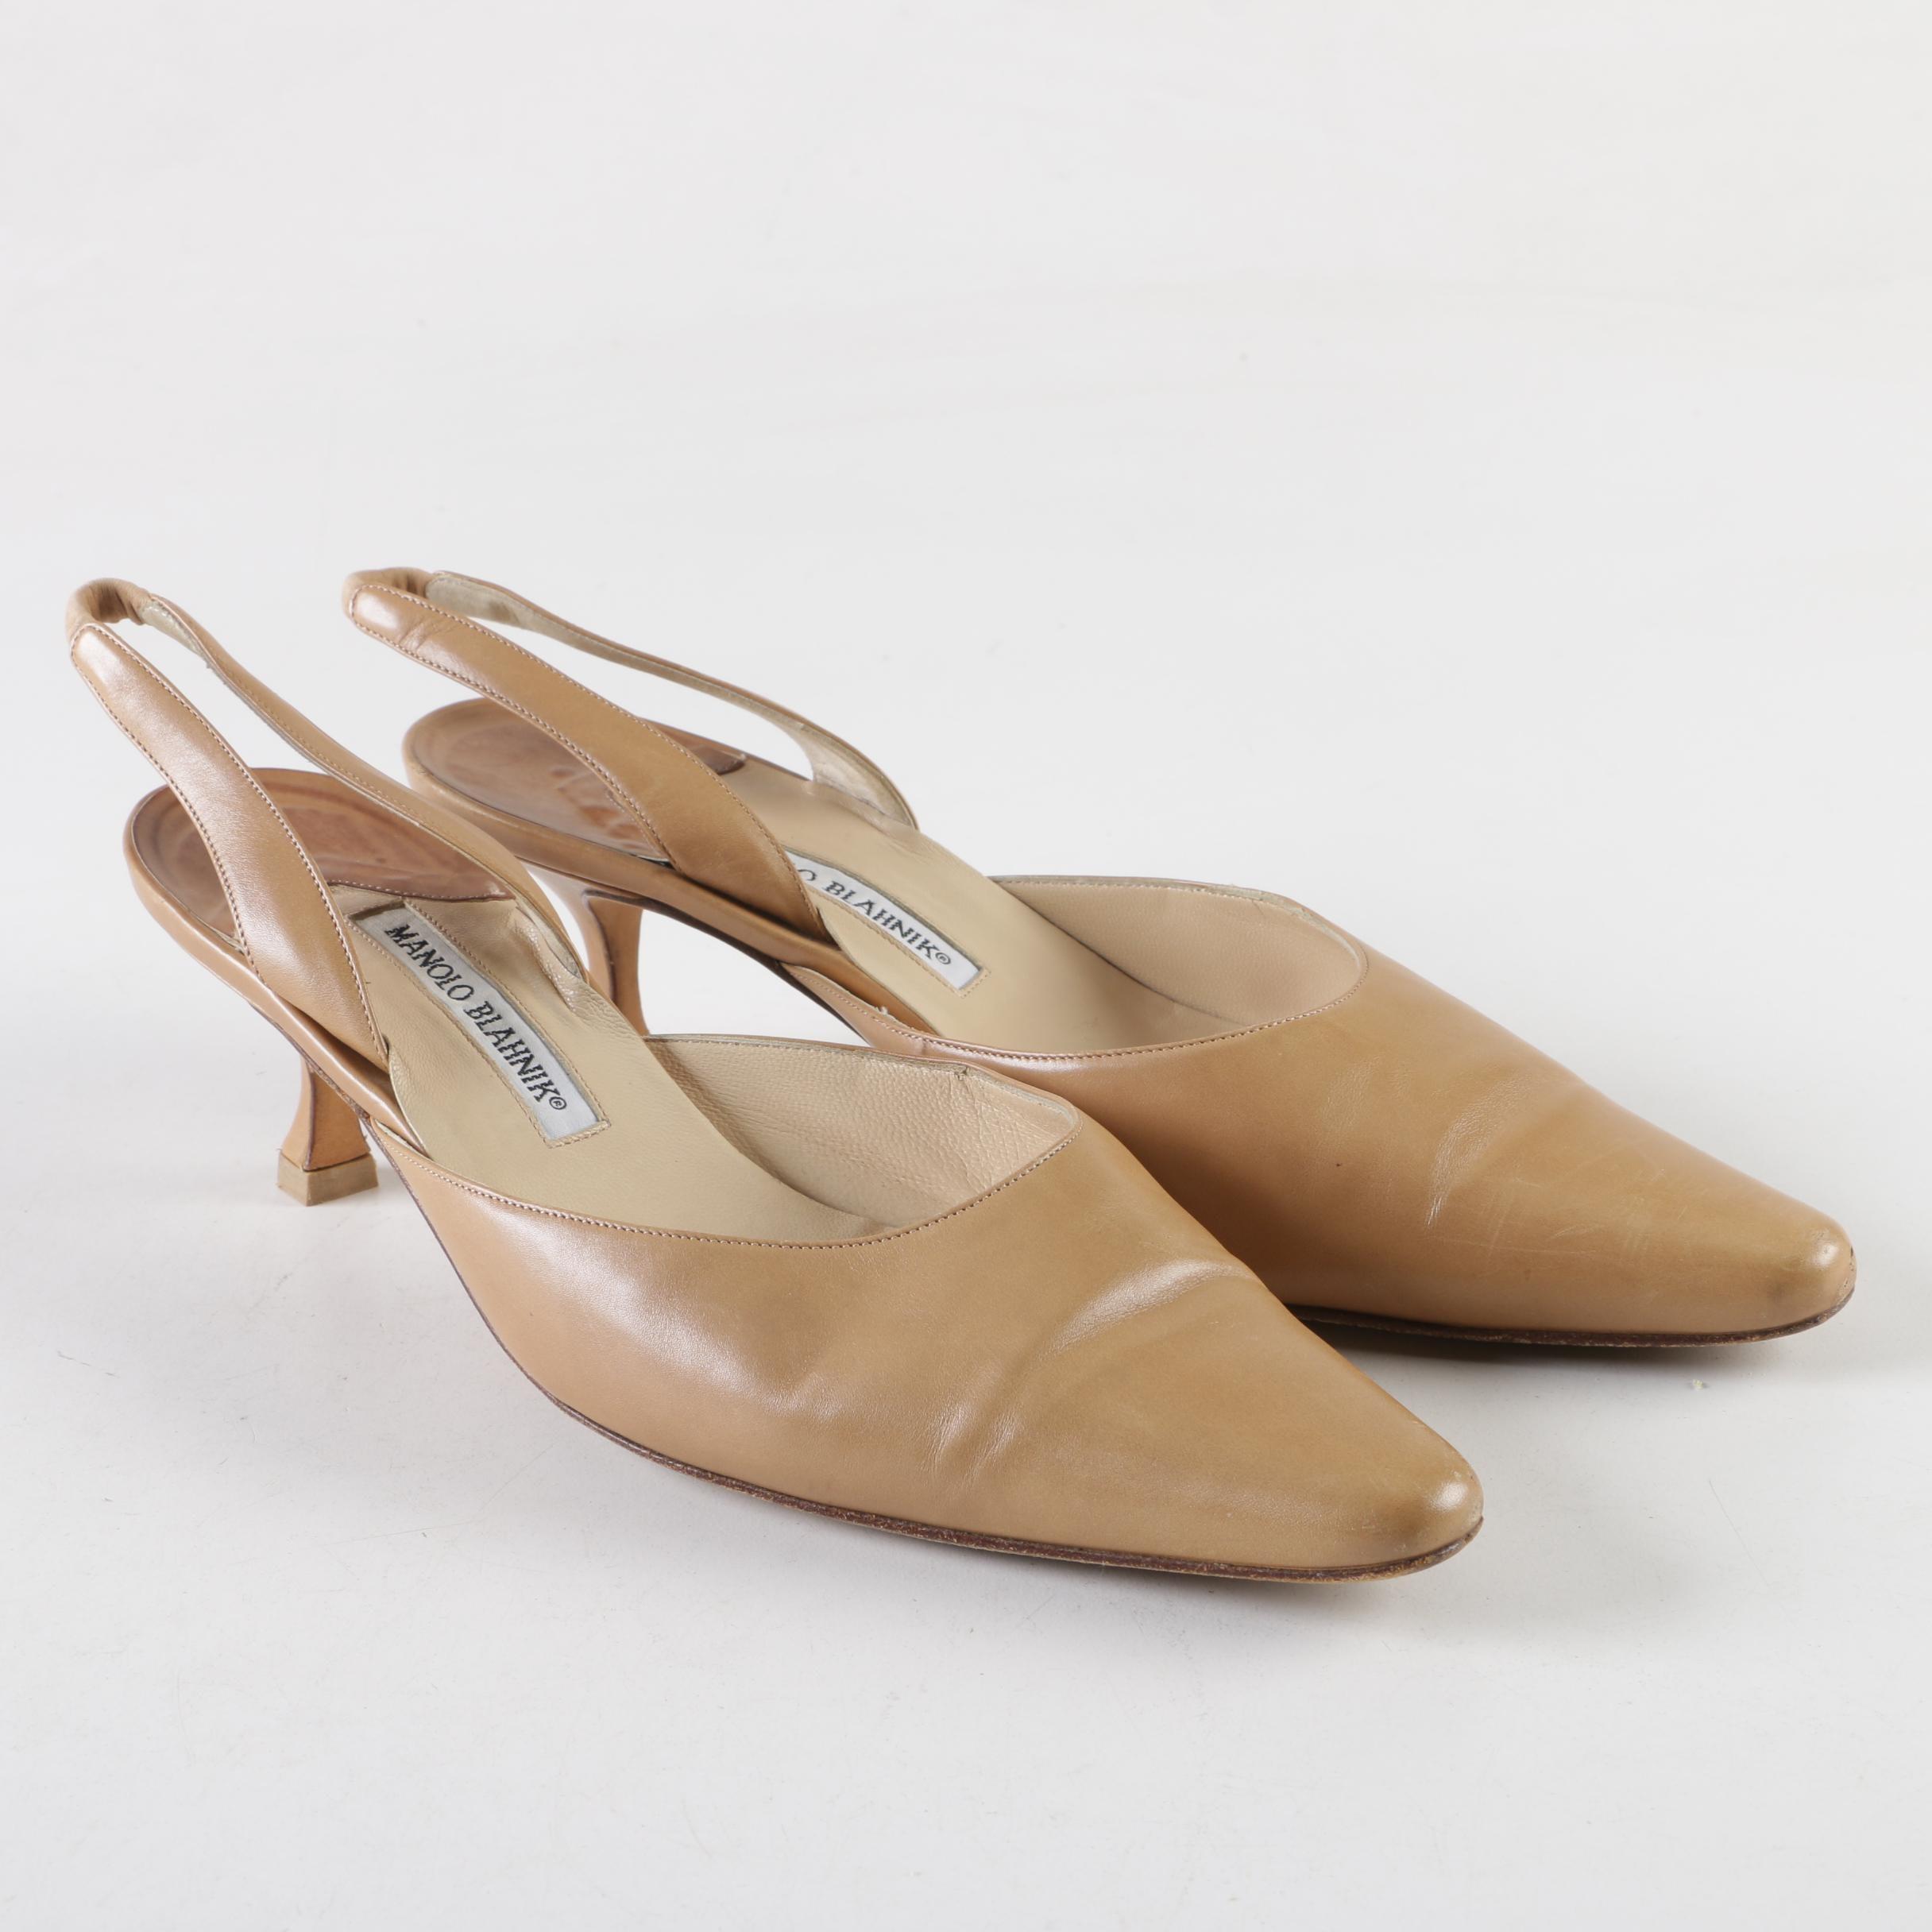 Manolo Blahnik Carolyne Beige Leather Slingback Kitten Heels